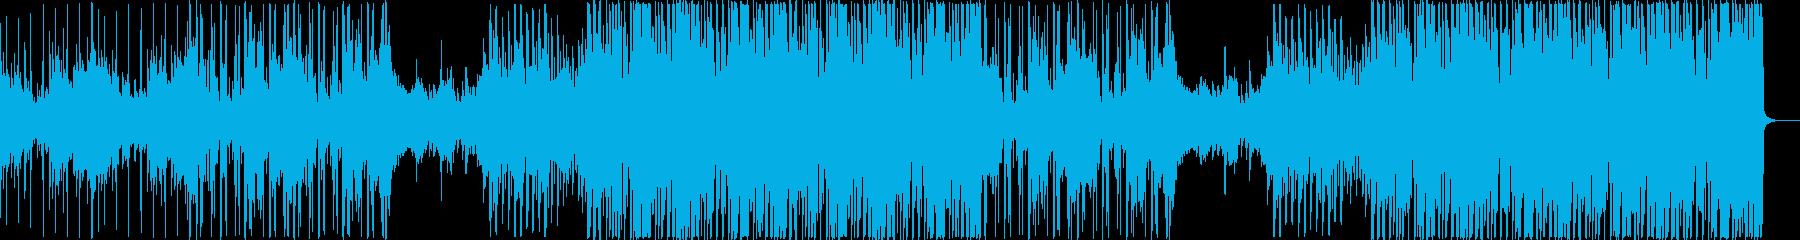 暖かく切なさも感じるR&B調のPOPSの再生済みの波形